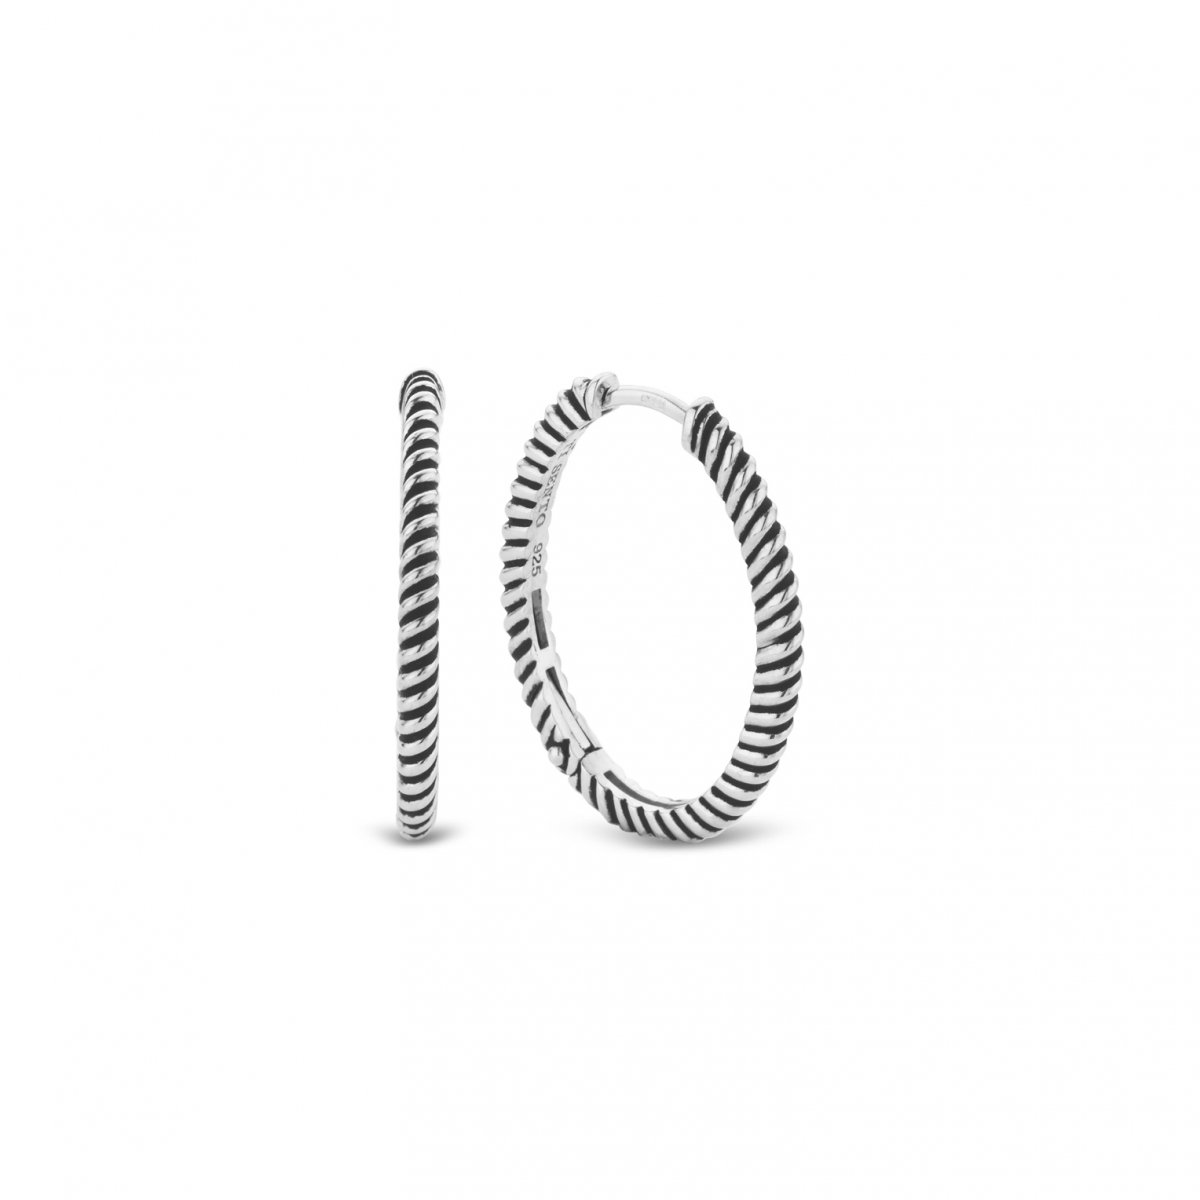 Strieborné kruhové náušnice TI SENTO s vrúbkovaním